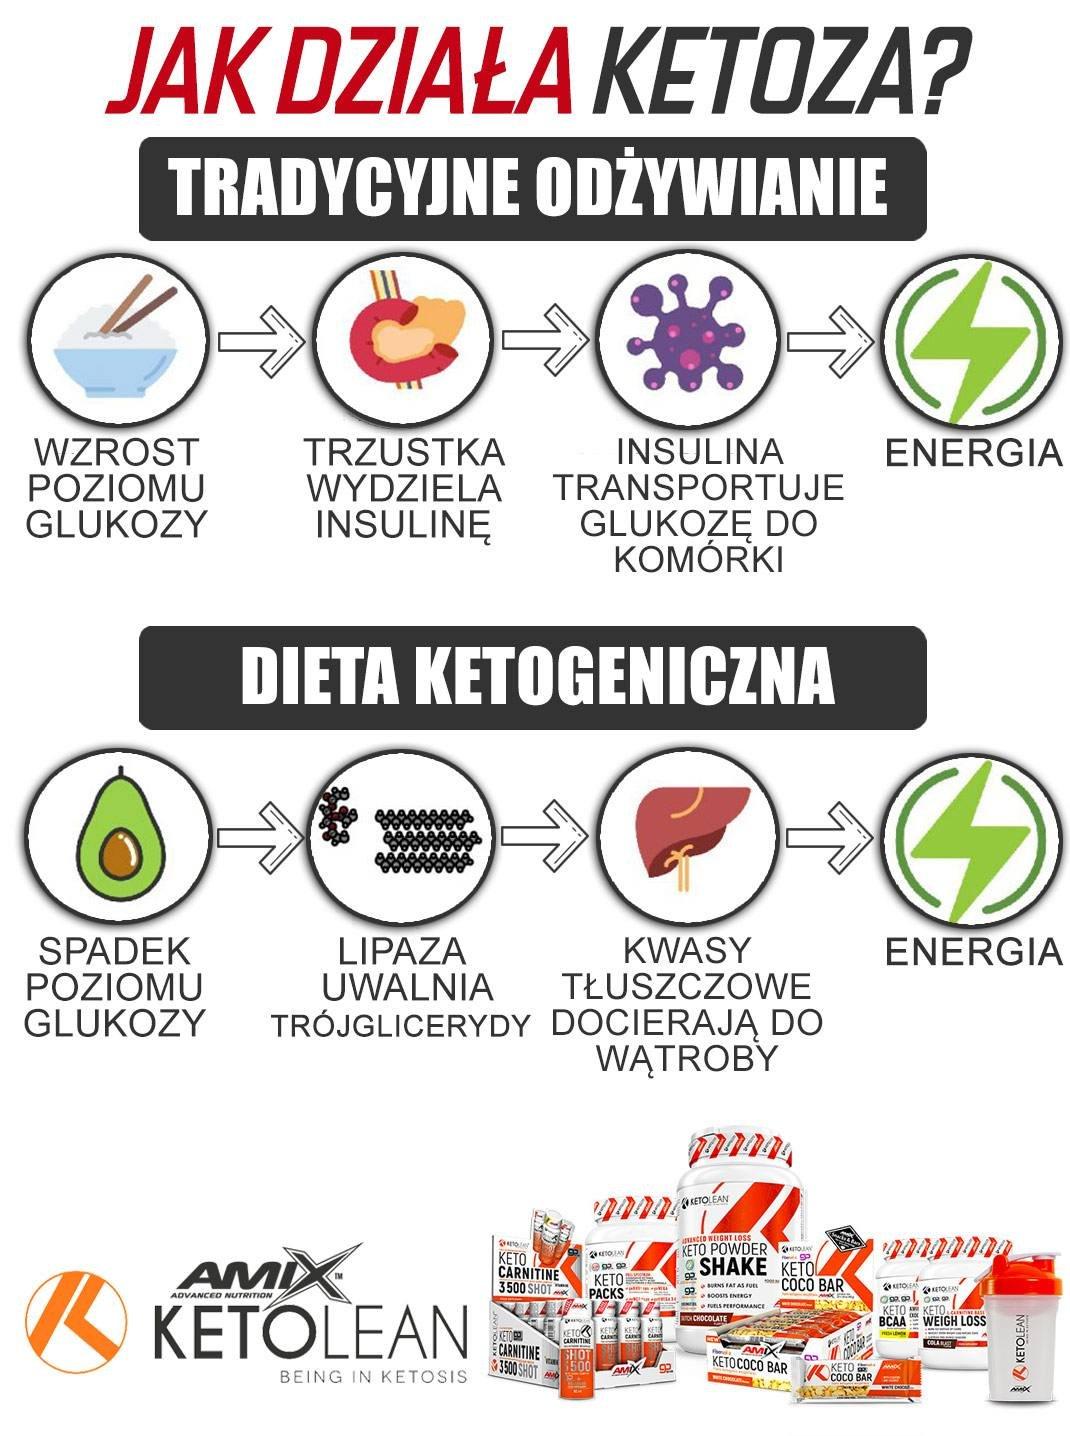 jak-działa-ketoza